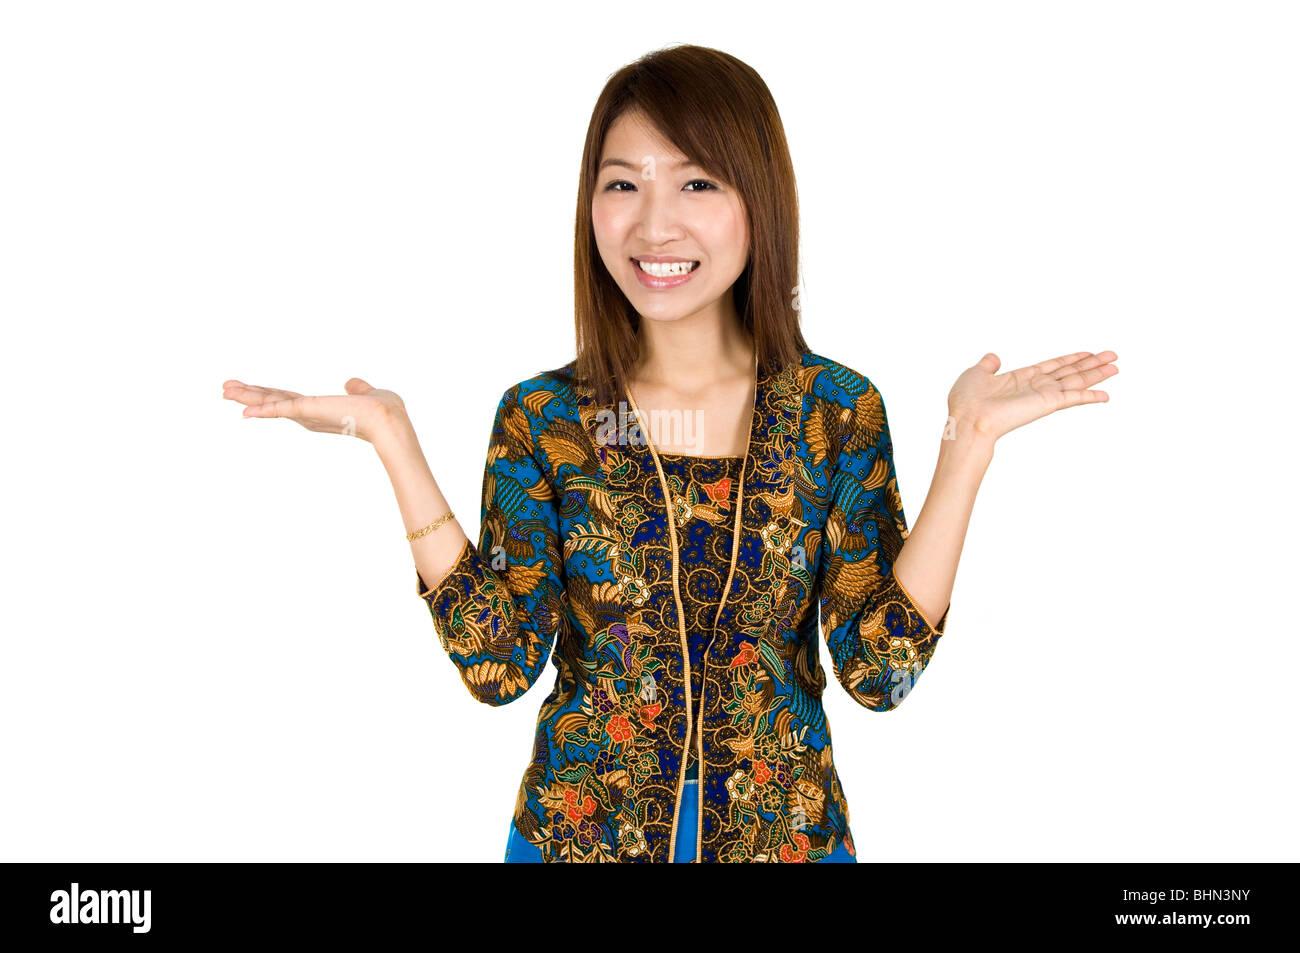 Malaysian Girl Wearing Batik Kebaya Holding Hand Showing Something